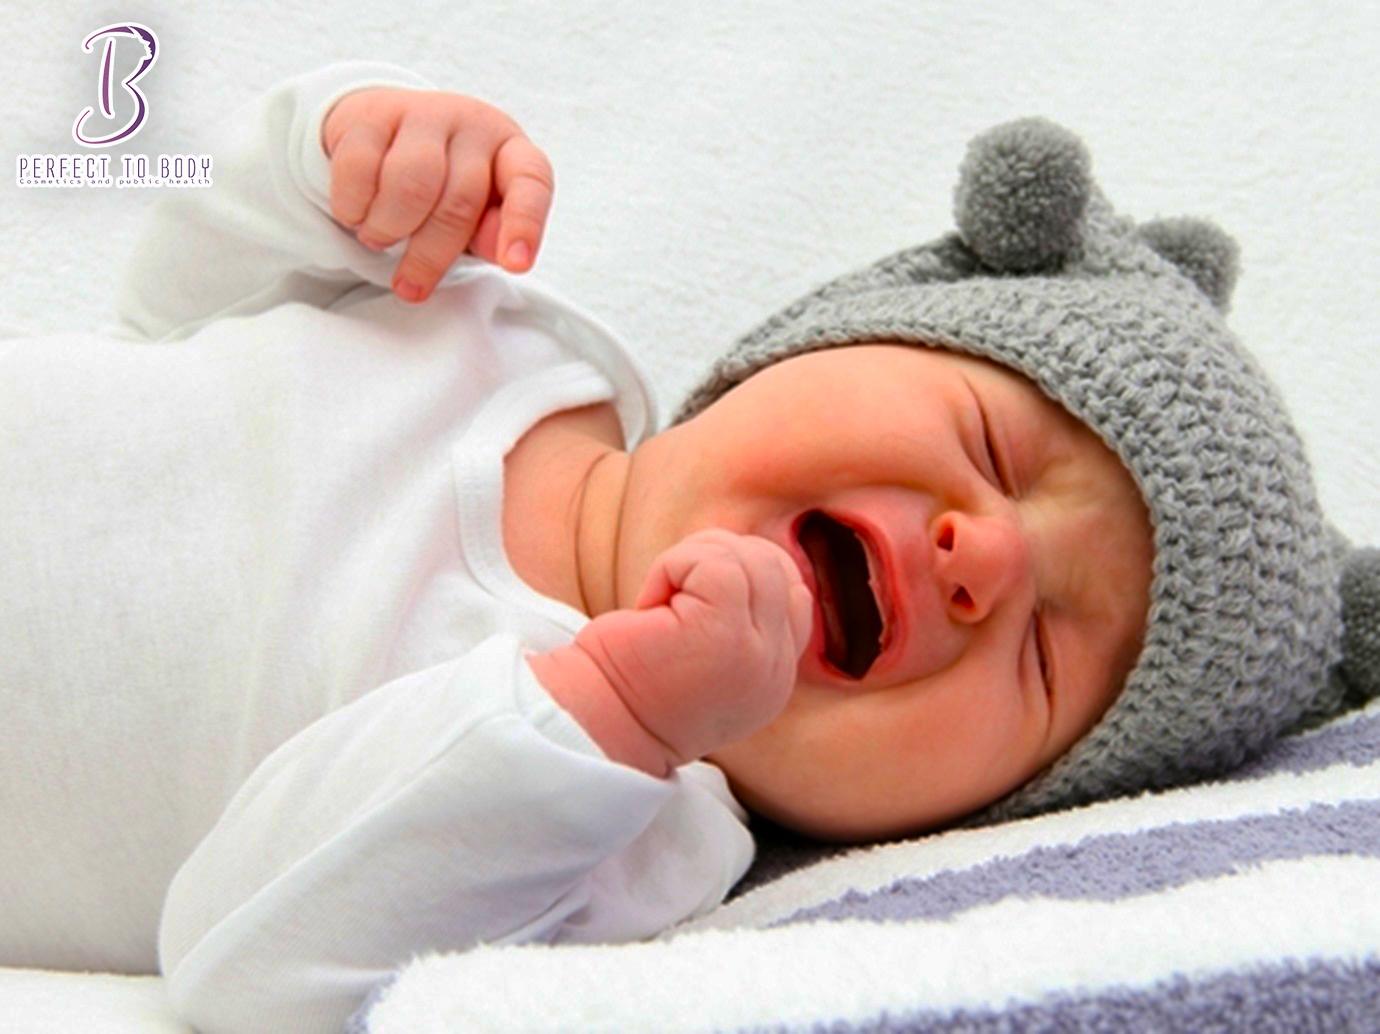 علاج المغص عند الأطفال حديثي الولادة